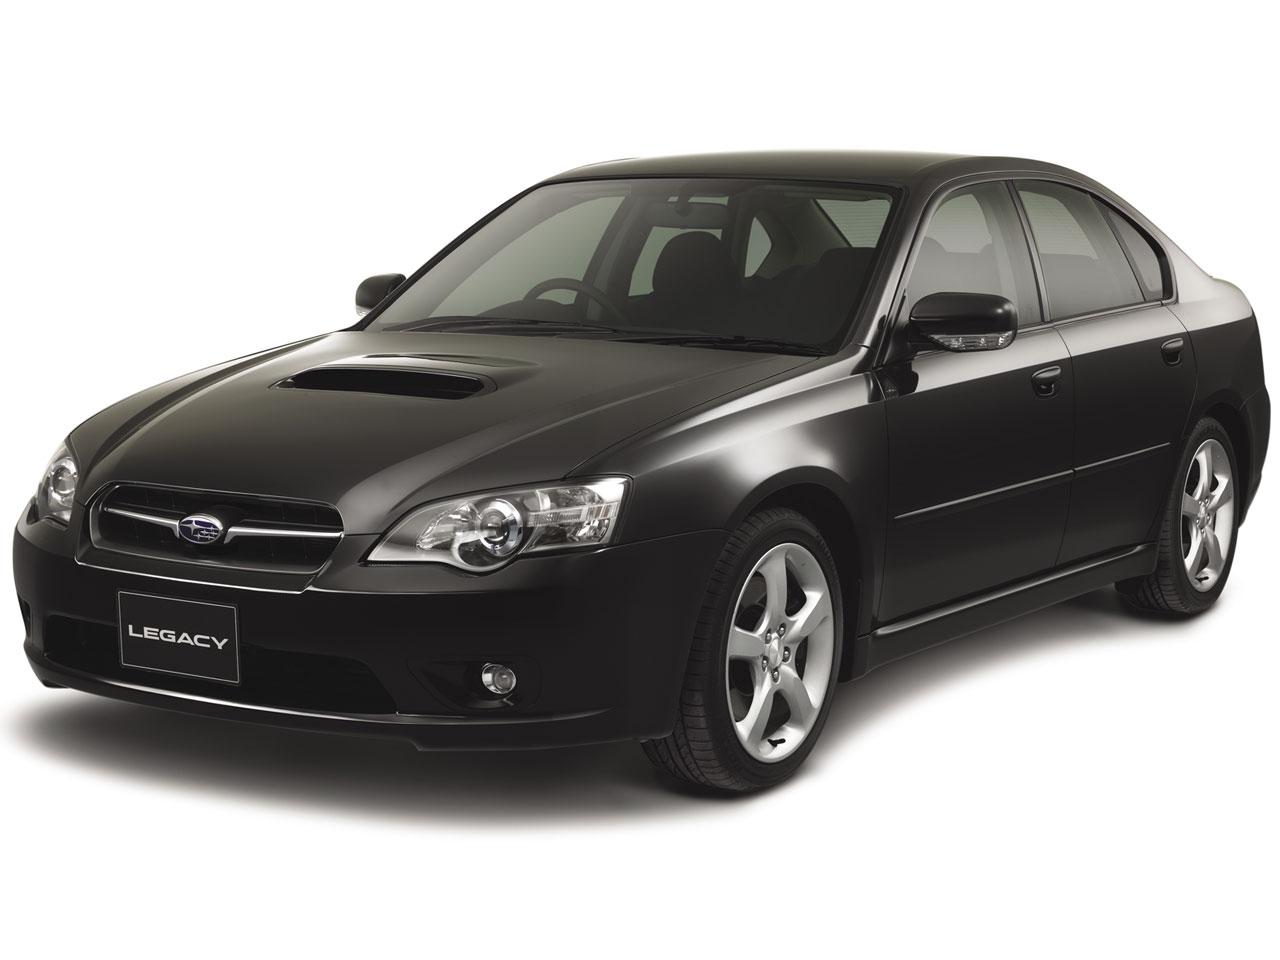 スバル レガシィ B4 2003年モデル 新車画像